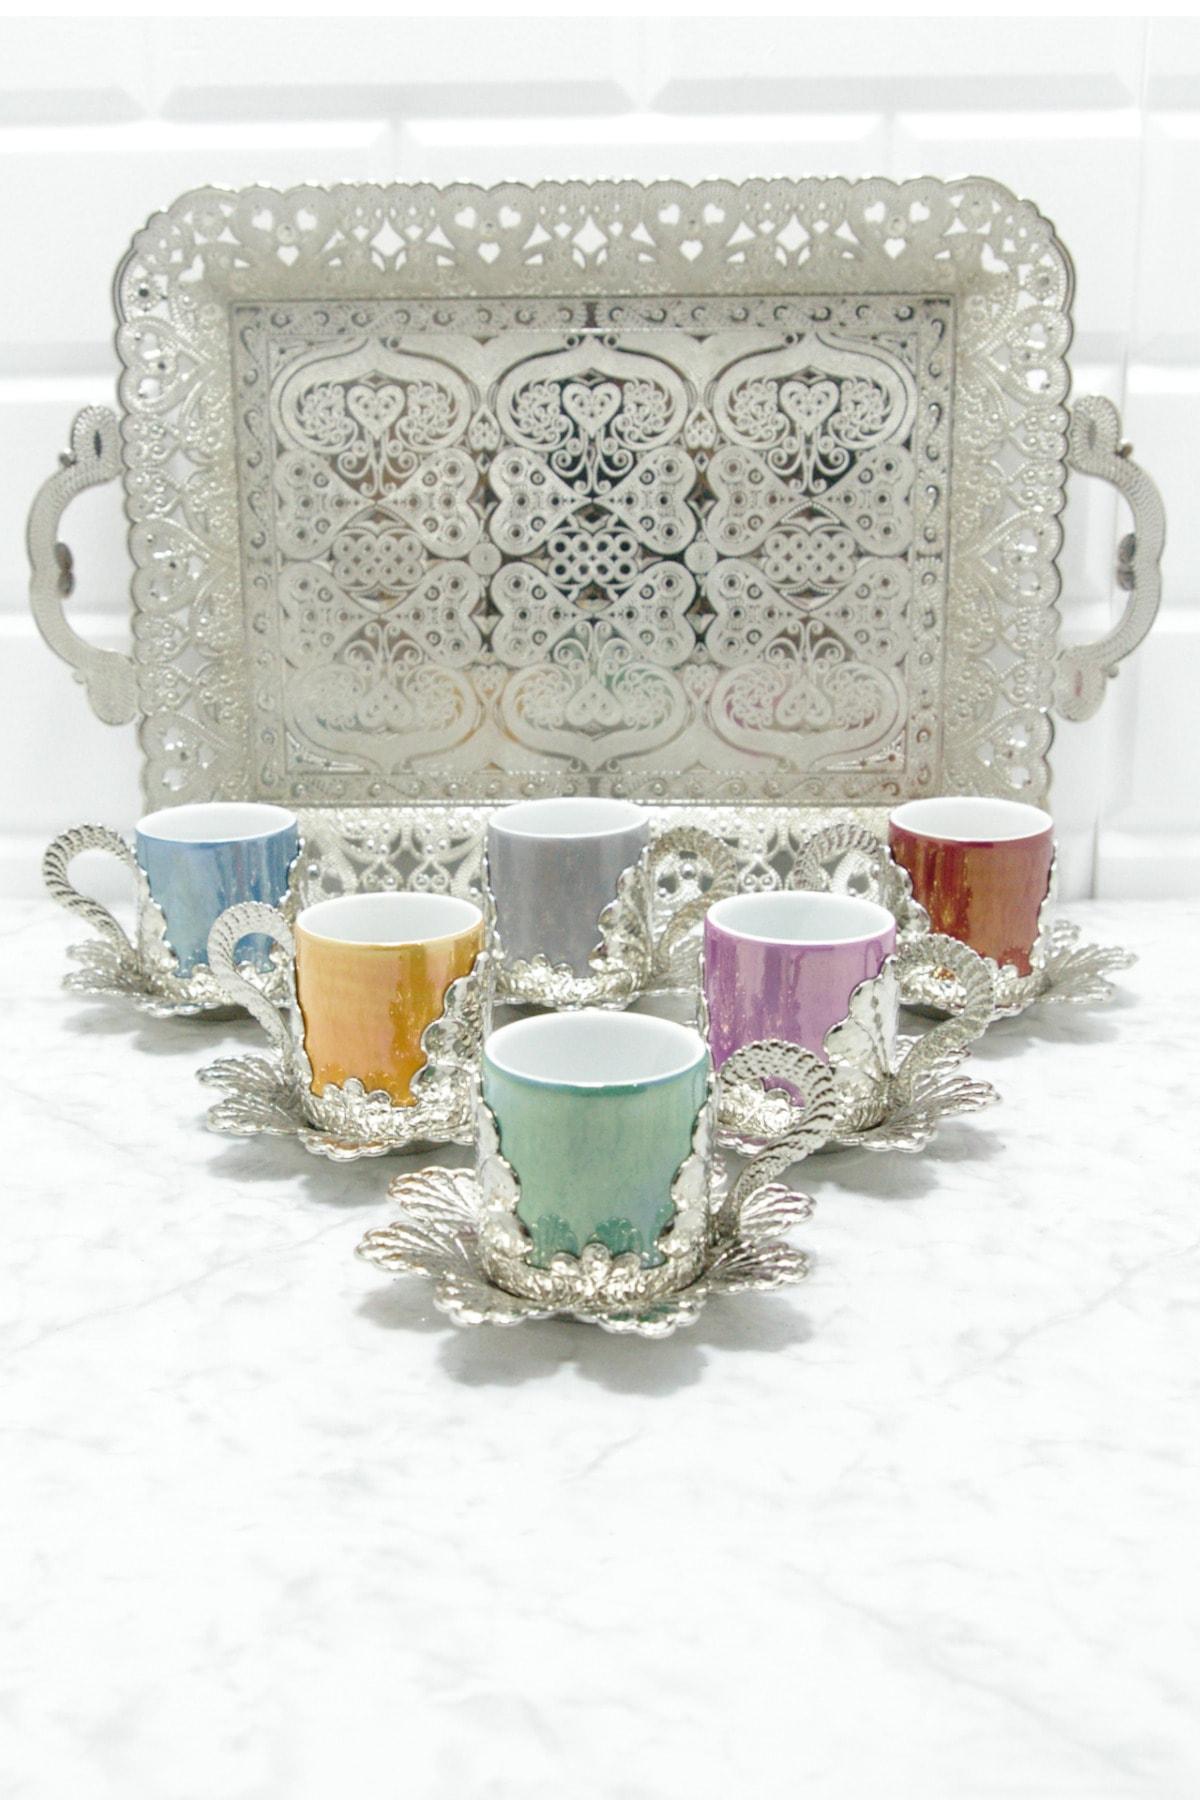 MAY HOME El Işlemesi Bakır 6 Kişilik Fincan Seti Porselen Hazneli 2